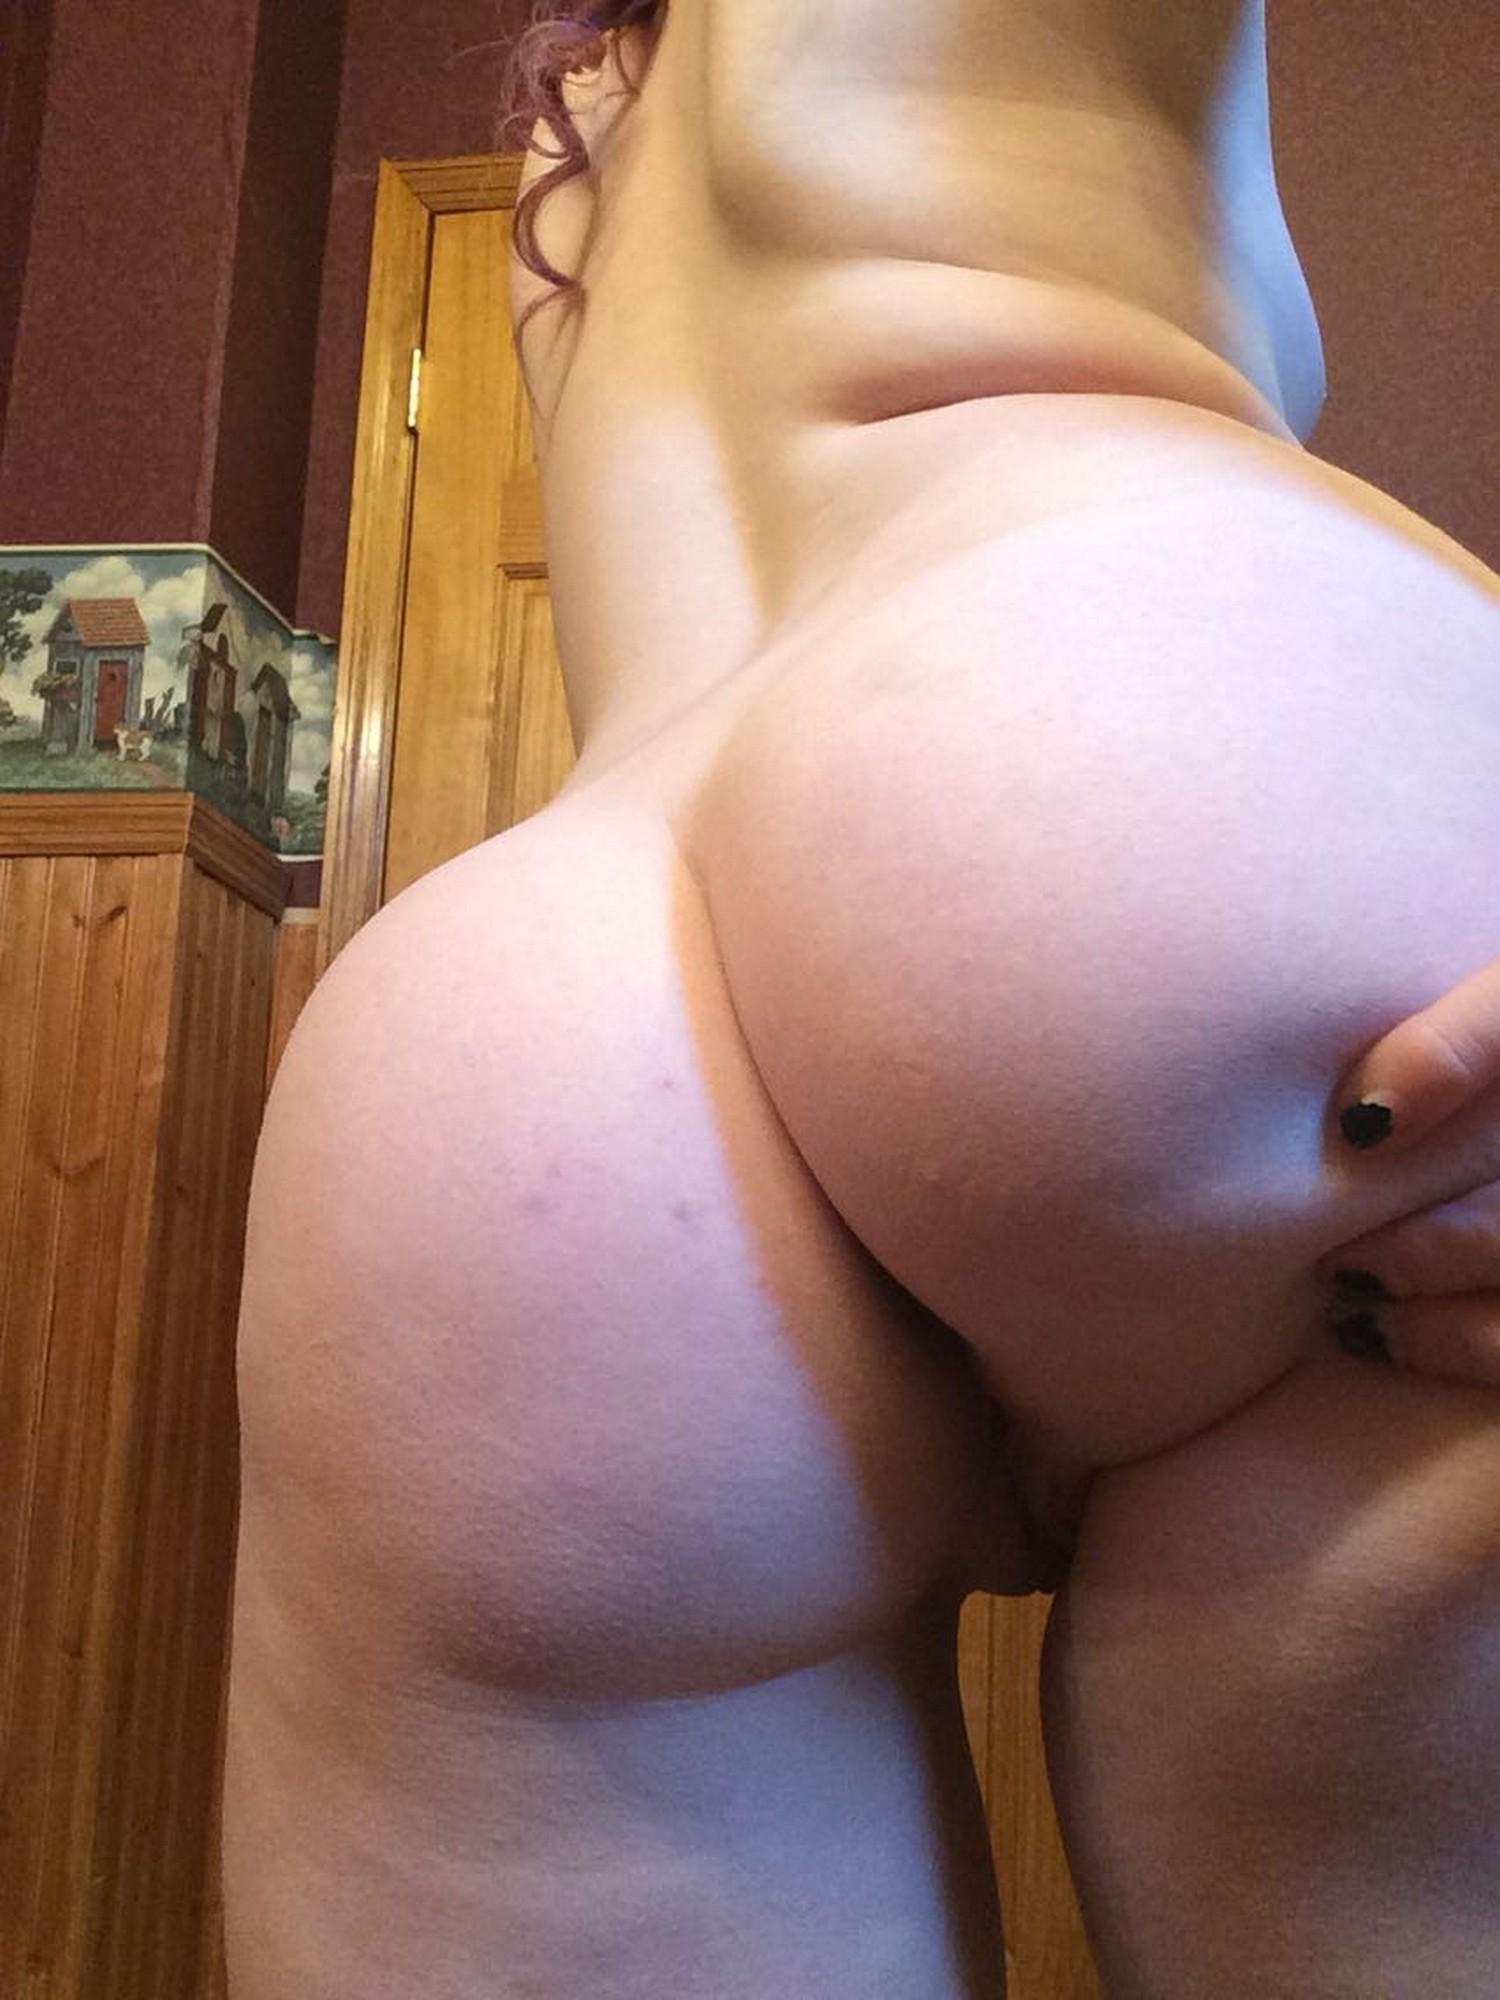 Телки расставили ноги и крупным планом показали вагины 3 фото